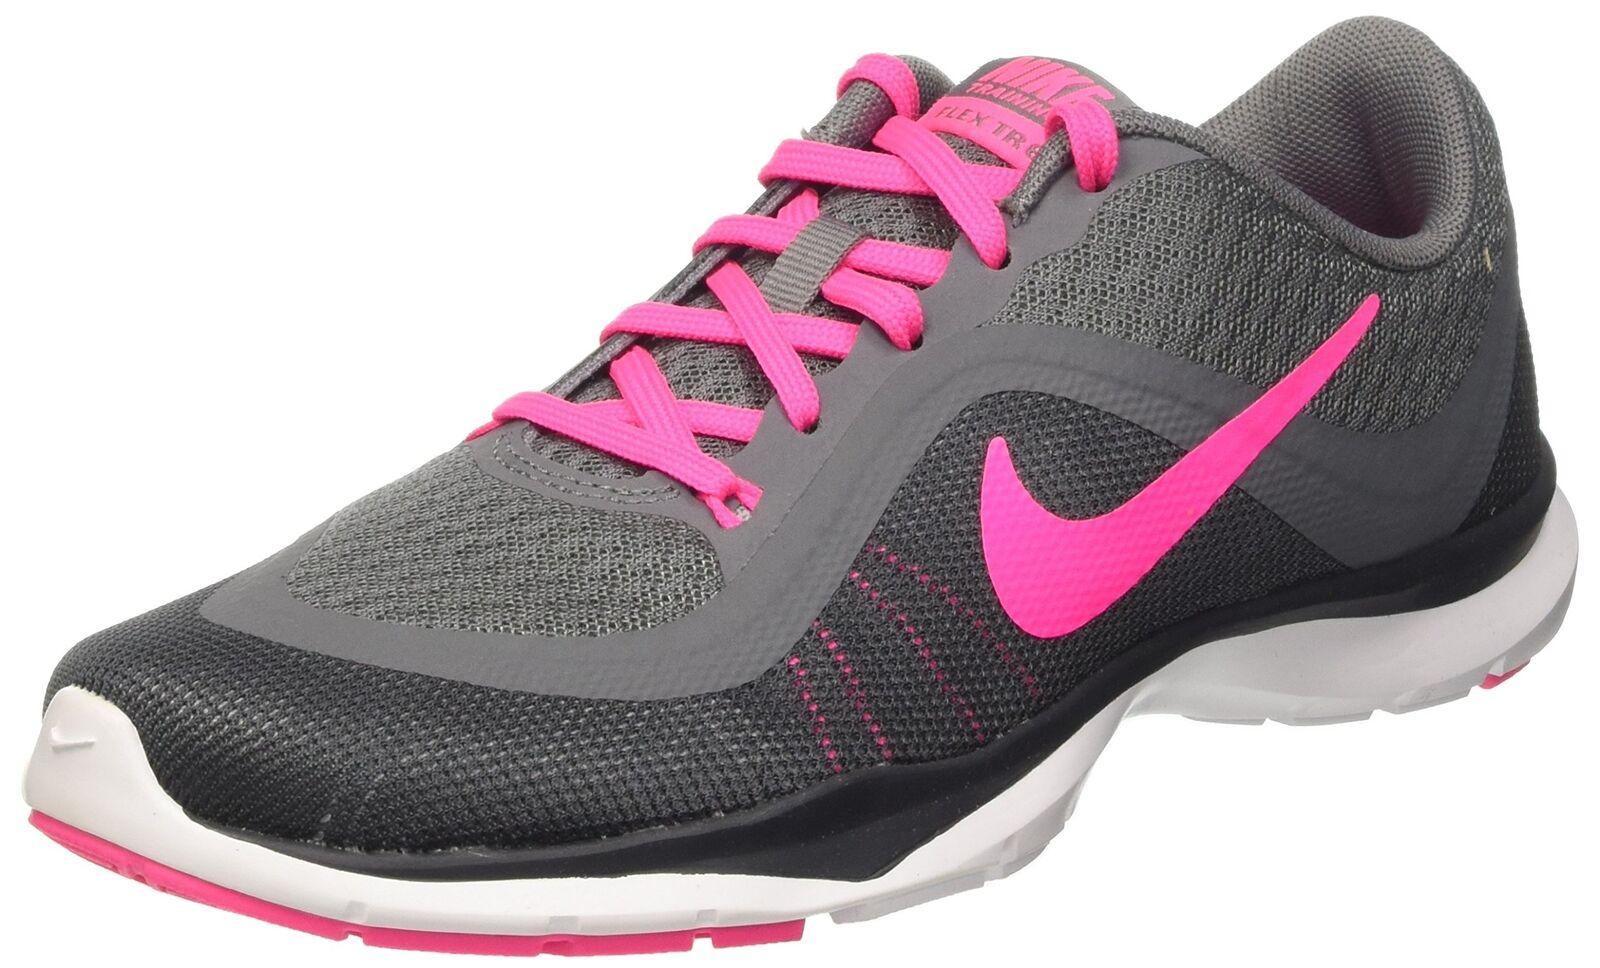 NIKE Women's Flex Trainer 6 Cool Grey/Pink Blast 7.5 B(M) US